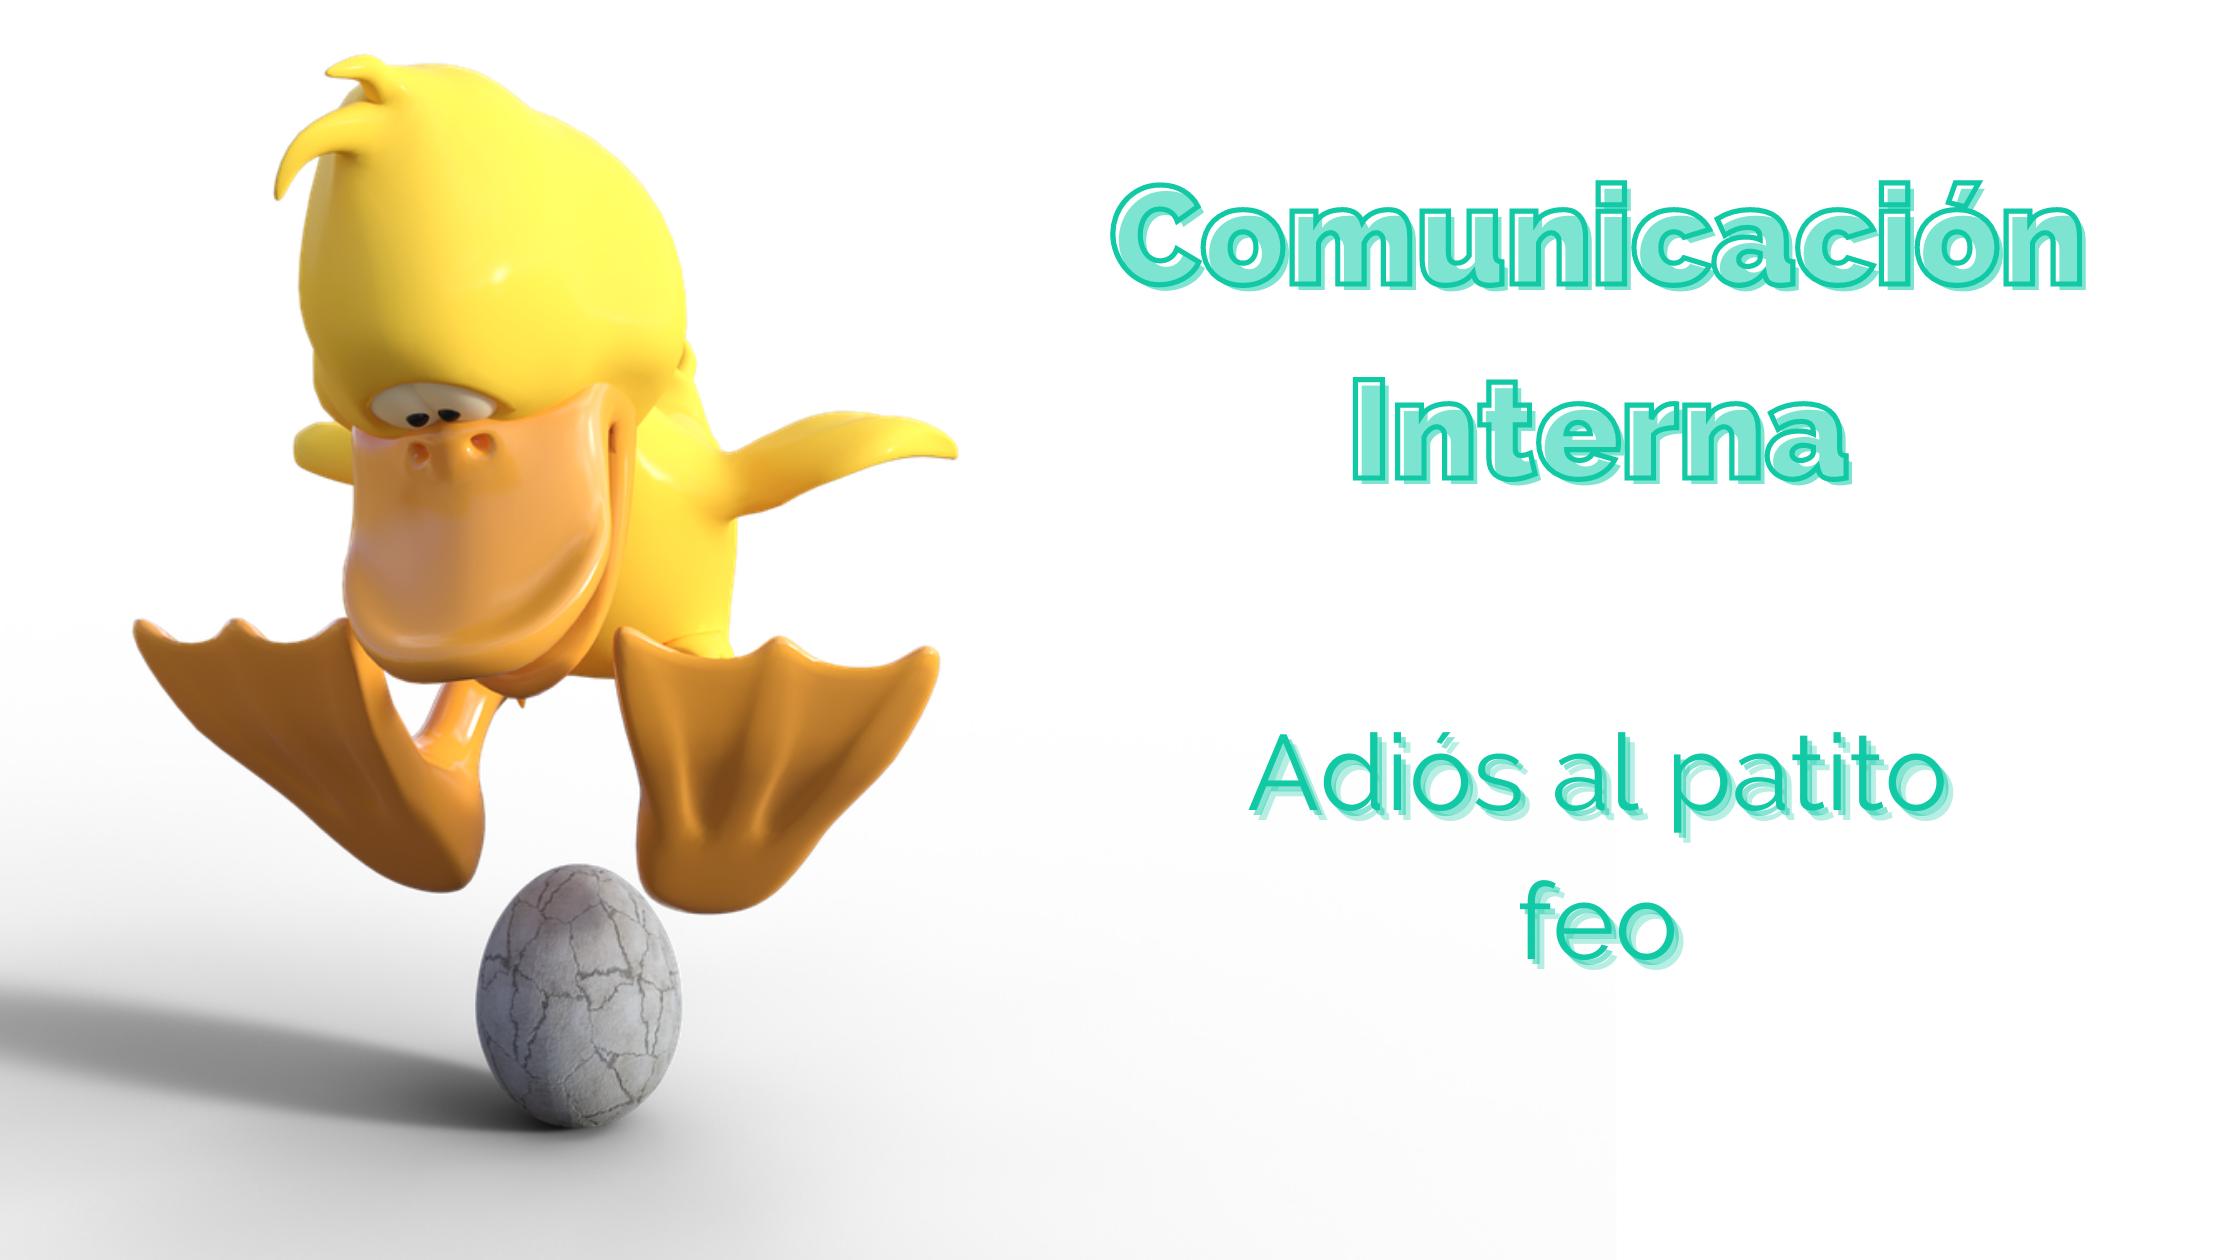 Evolución de la comunicación interna en las organizaciones